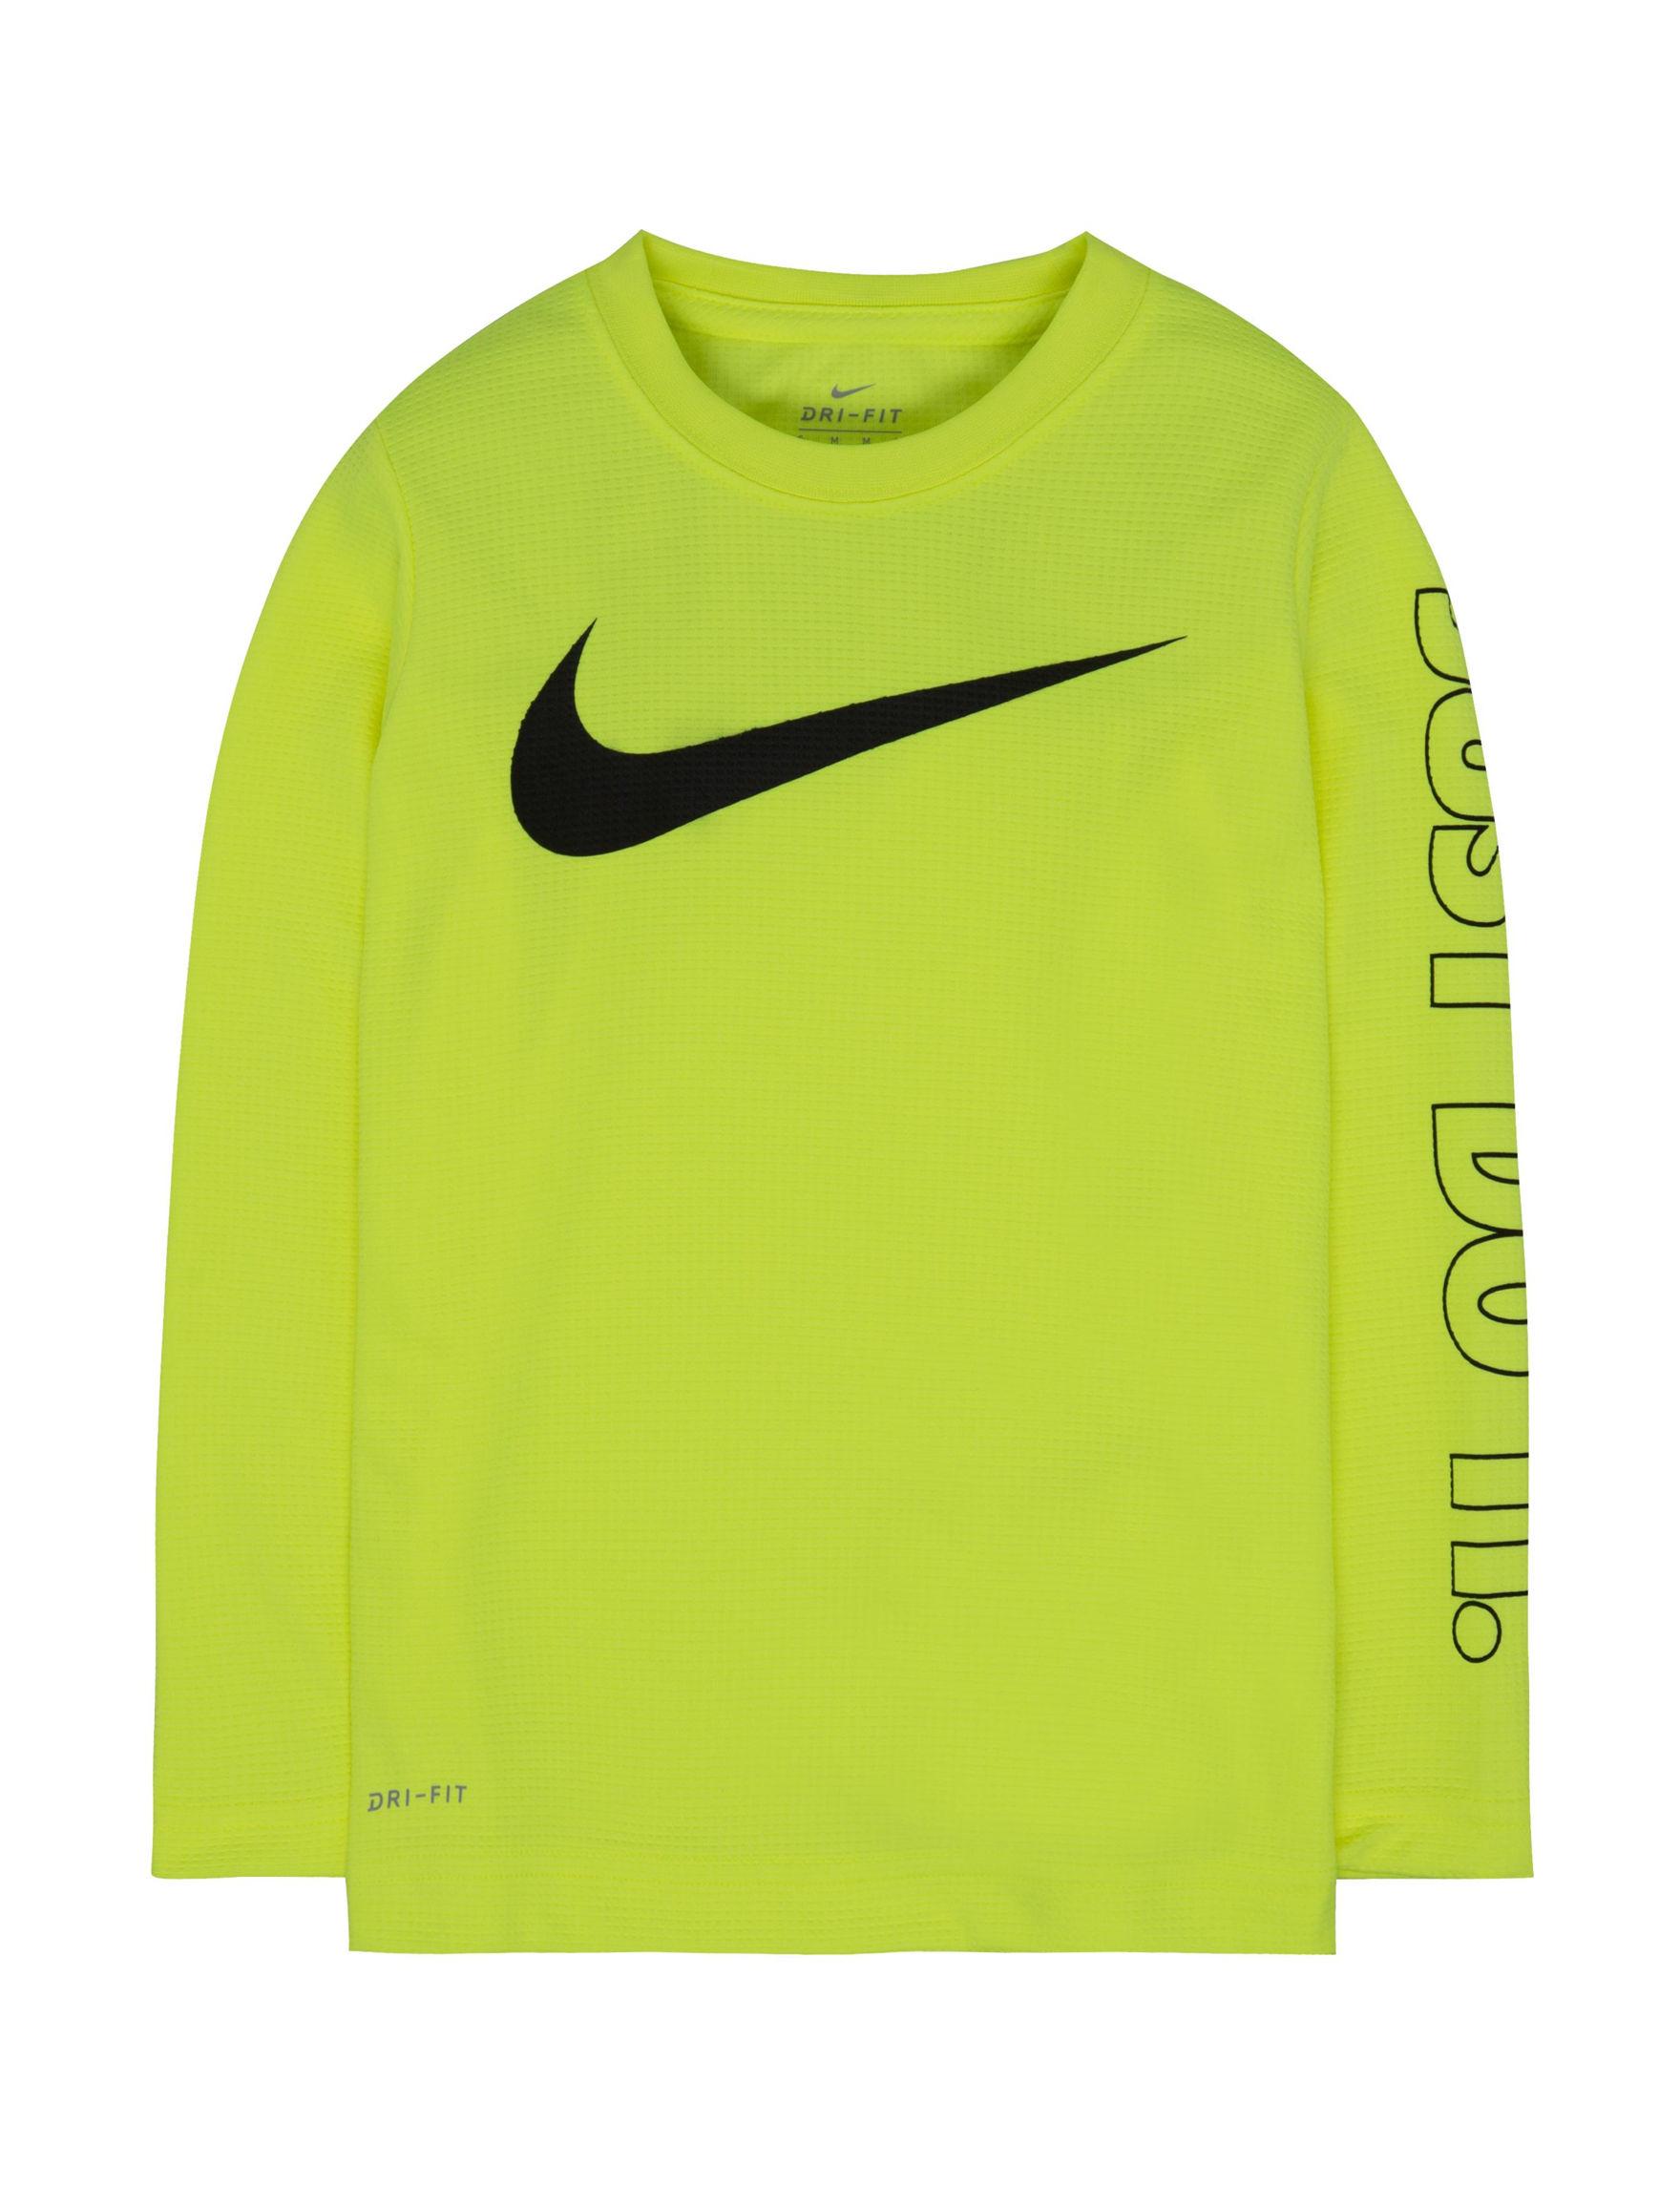 Nike Yellow